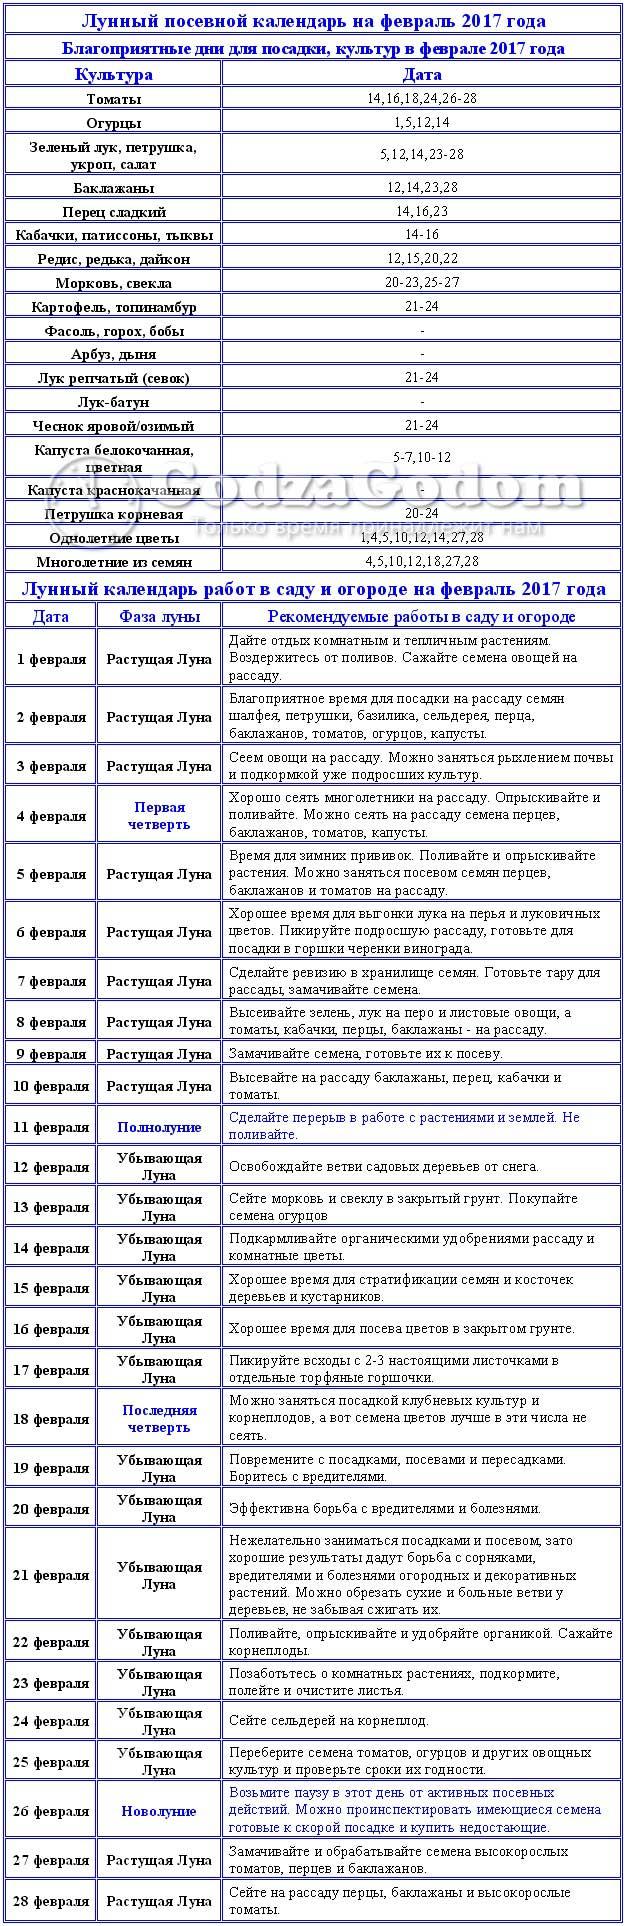 Таблица посевного лунного календаря на февраль 2017 г.